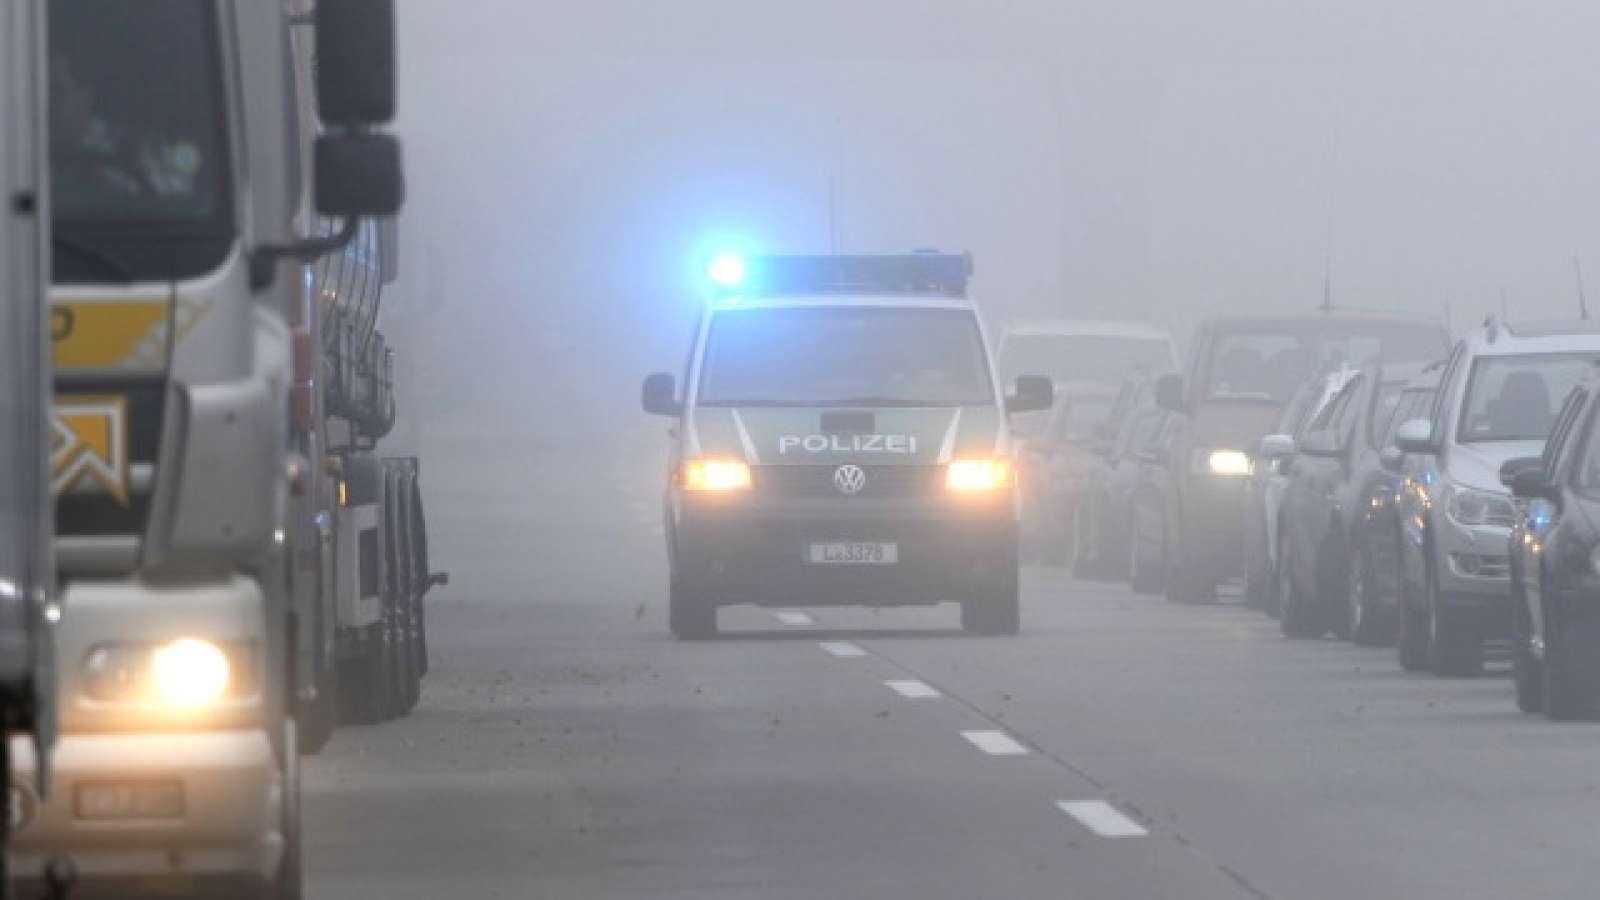 Polizei auf deutscher Autobahn (Archiv)